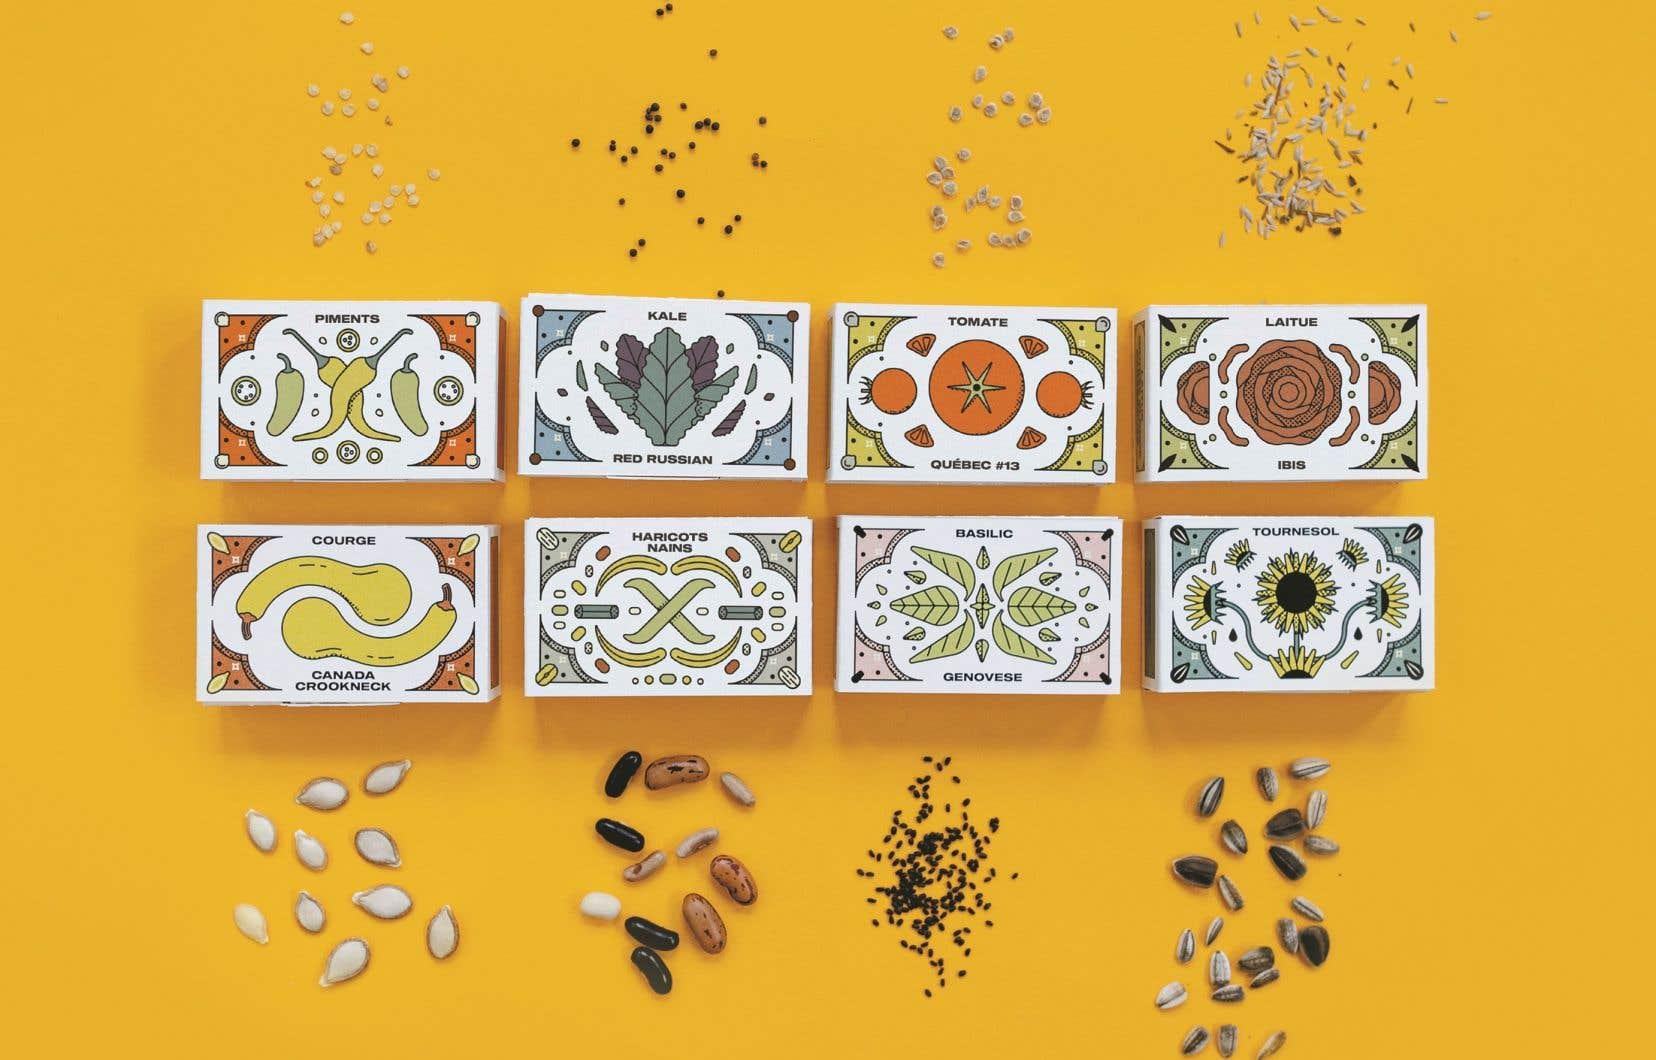 Les semences ancestrales du coffret du Nutritionniste urbain, qui déplore la perte d'une grande partie des variétés des plantes dans les dernières décennies.